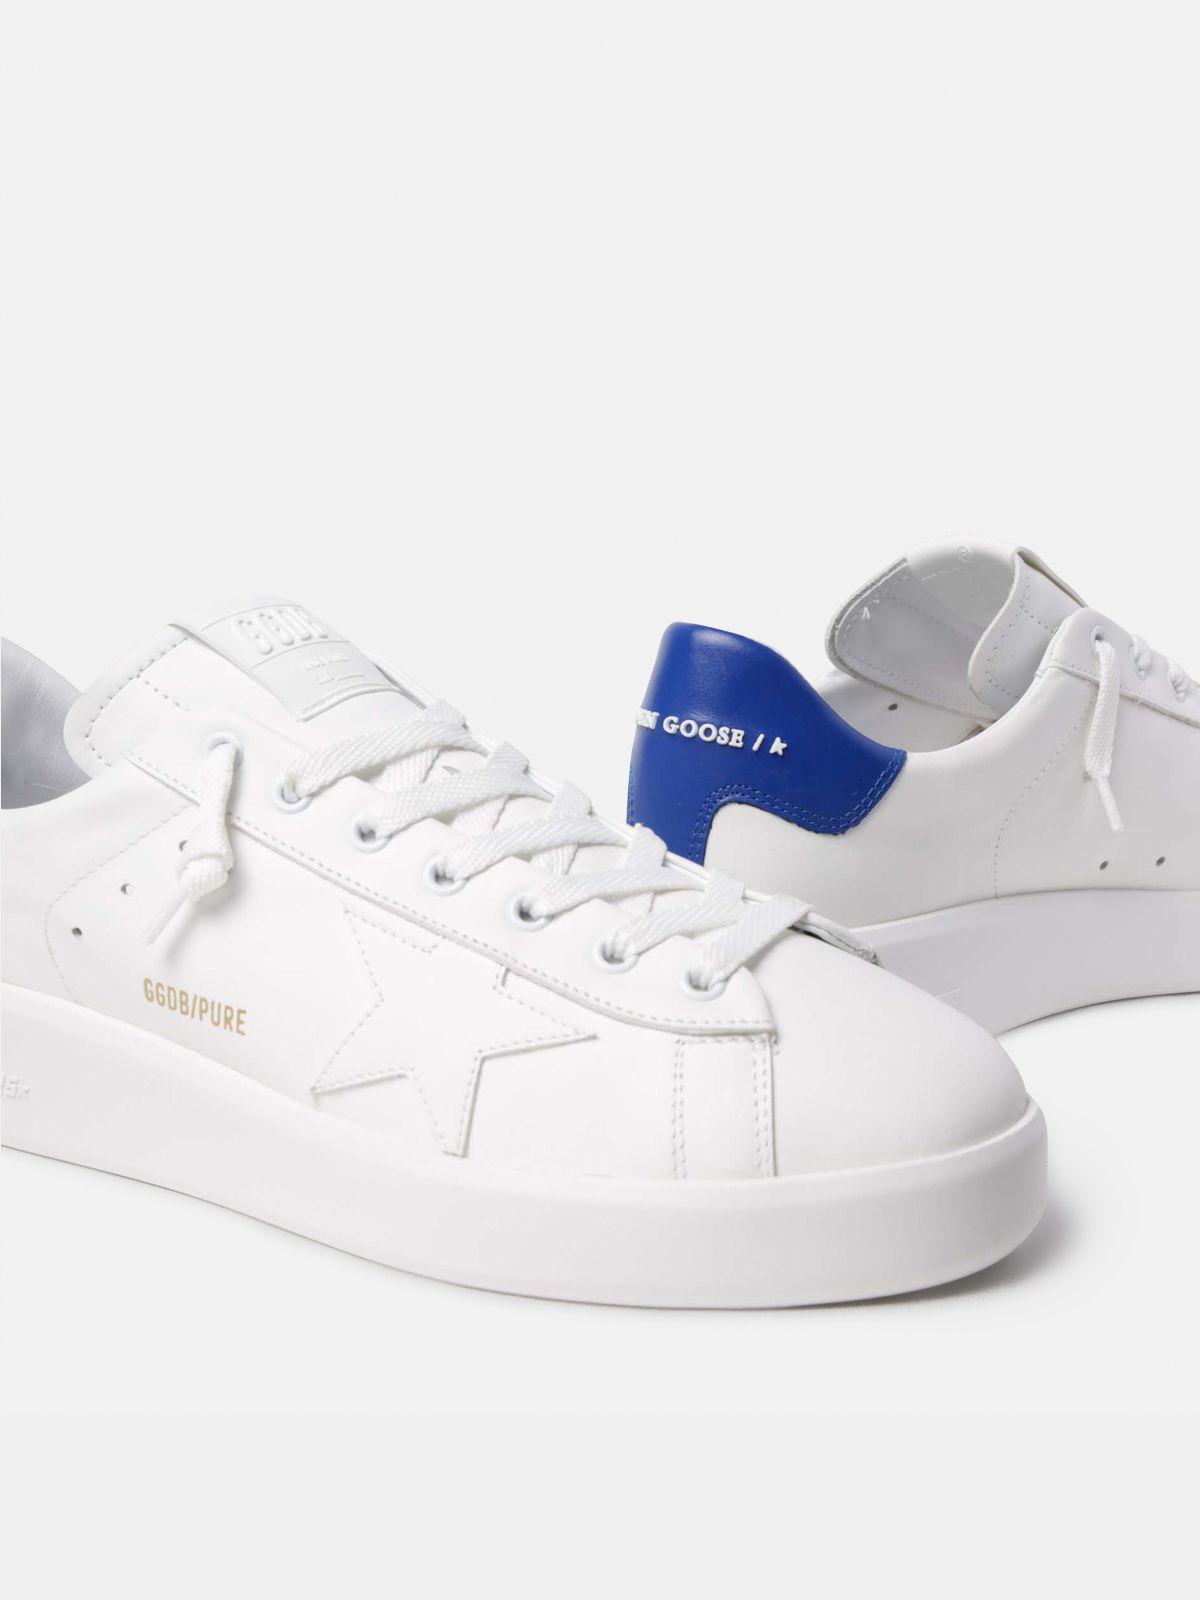 Golden Goose - PURESTAR sneakers with blue heel tab in